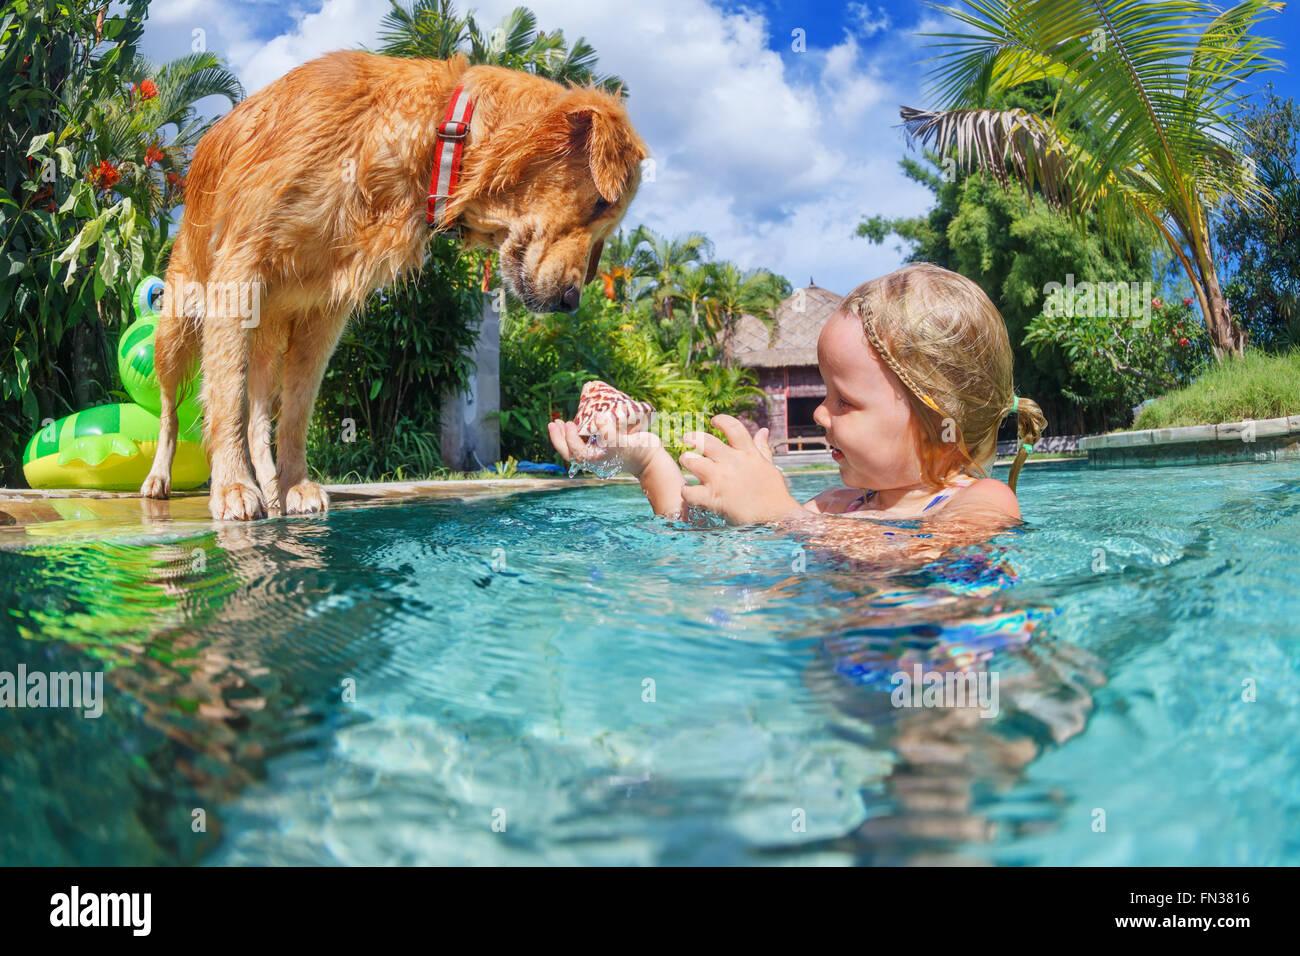 Bambino gioca con il divertimento e il treno Golden Labrador retriever puppy in piscina - immersione subacquea per Immagini Stock